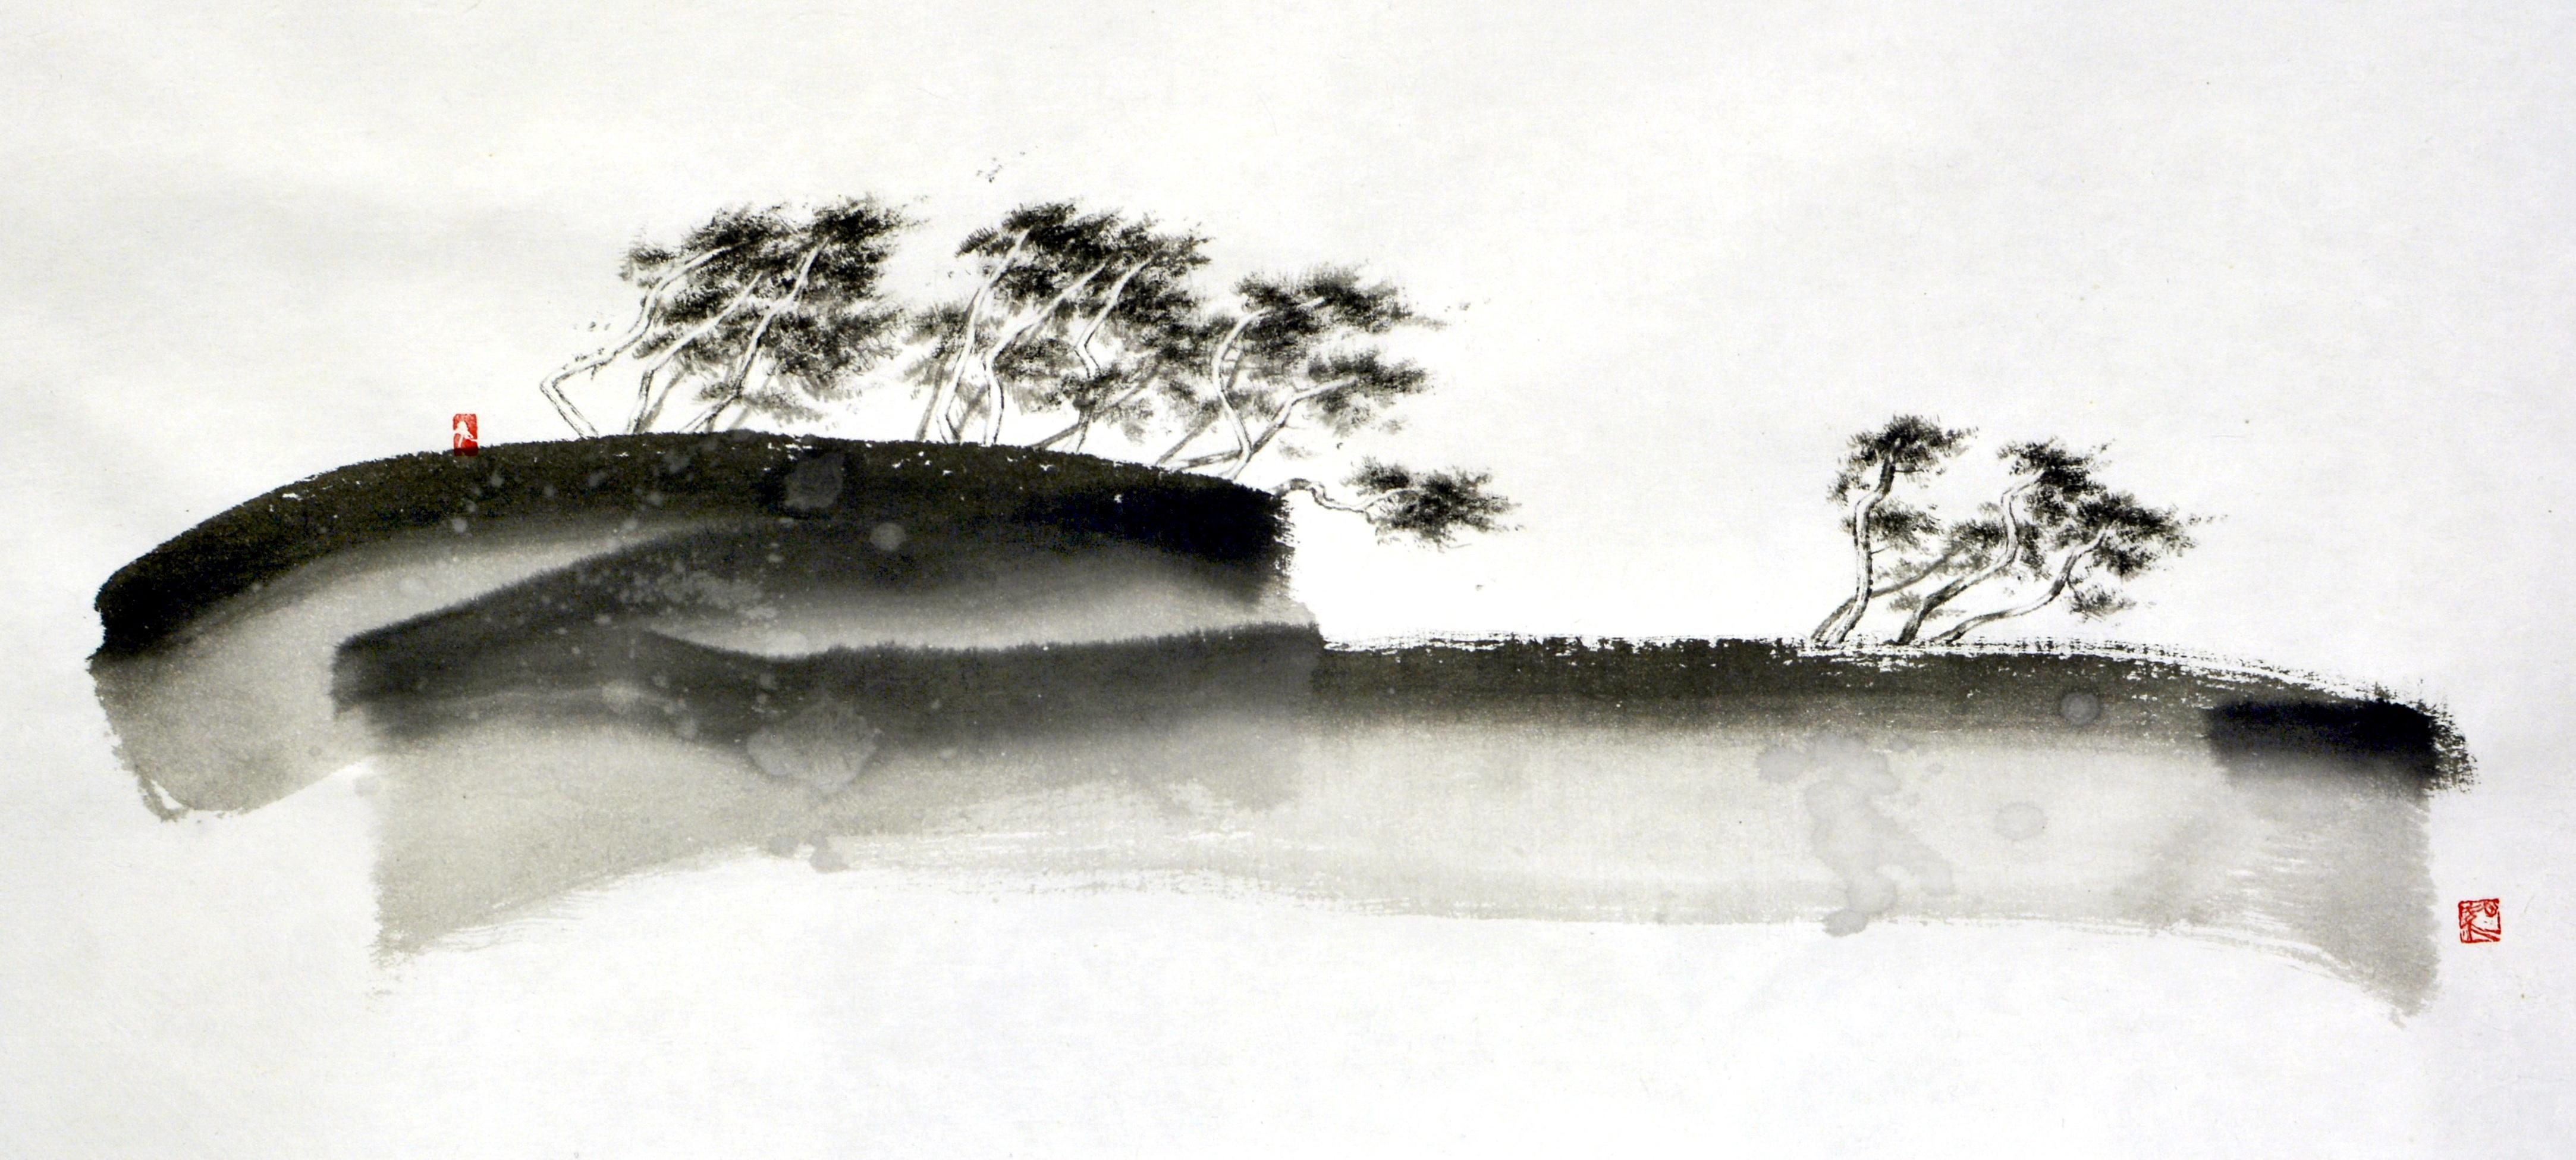 송승호002. 송화 날리는 언덕길, 60x30cm, 한지에 수묵, 2017